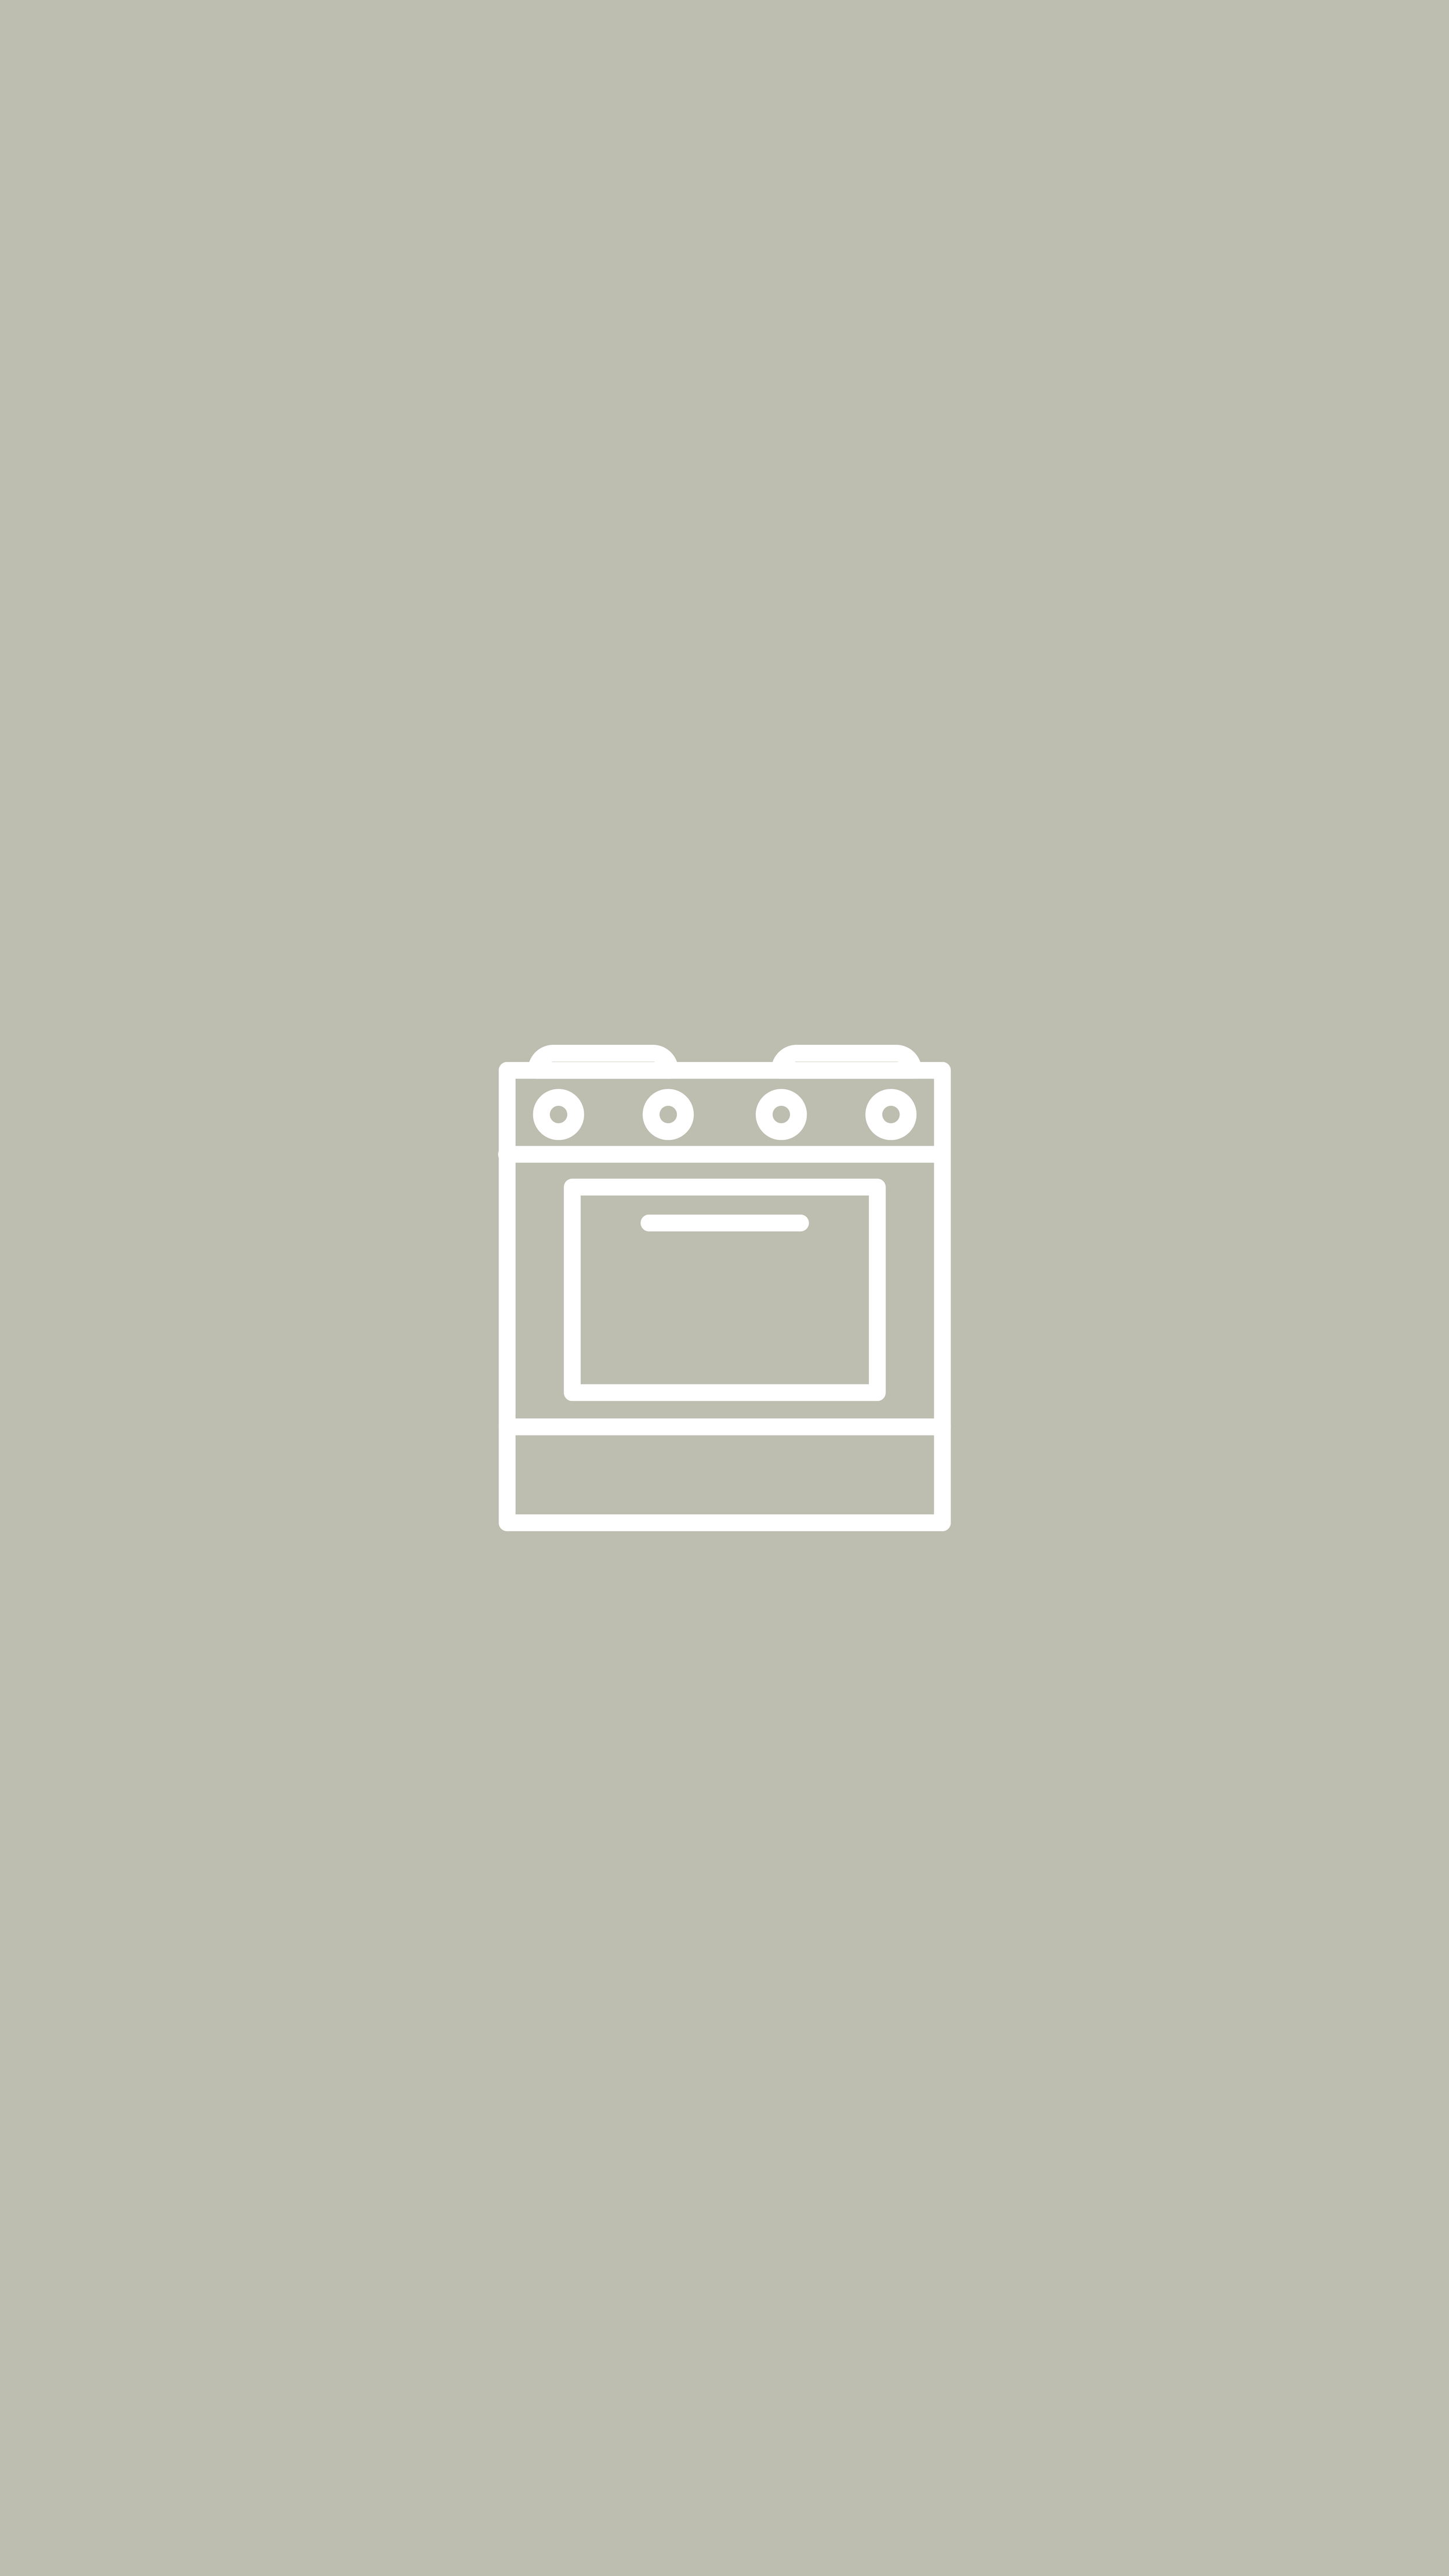 Kitchen, Stove, Oven